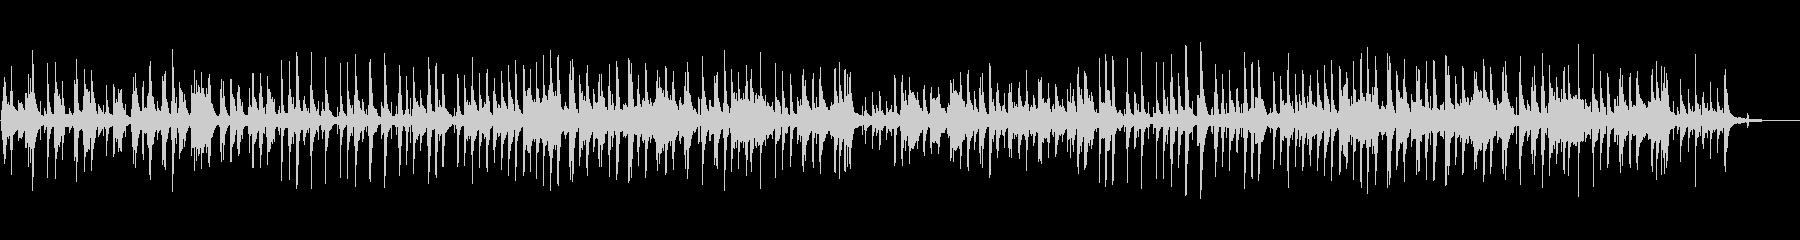 ピアノトリオによるジャズ風バラードの未再生の波形